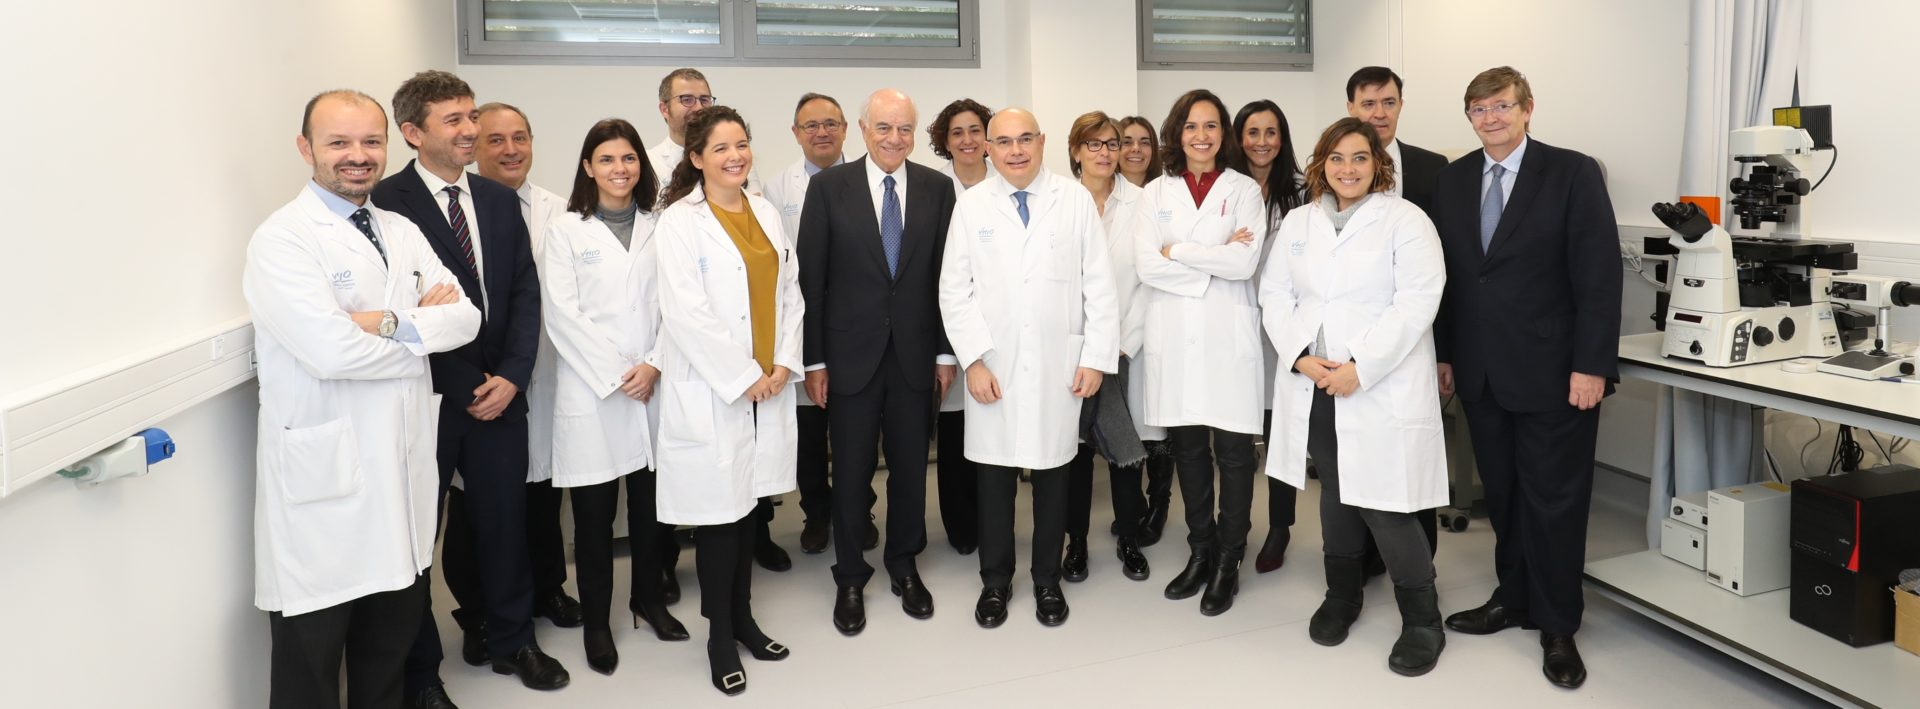 Francisco González, presidente de la Fundación BBVA, y Josep Tabernero, director del Valll d'Hebron Instituto de Oncología, junto a varios miembros del Programa Integral de Inmunoterapia e Inmunología del Cáncer